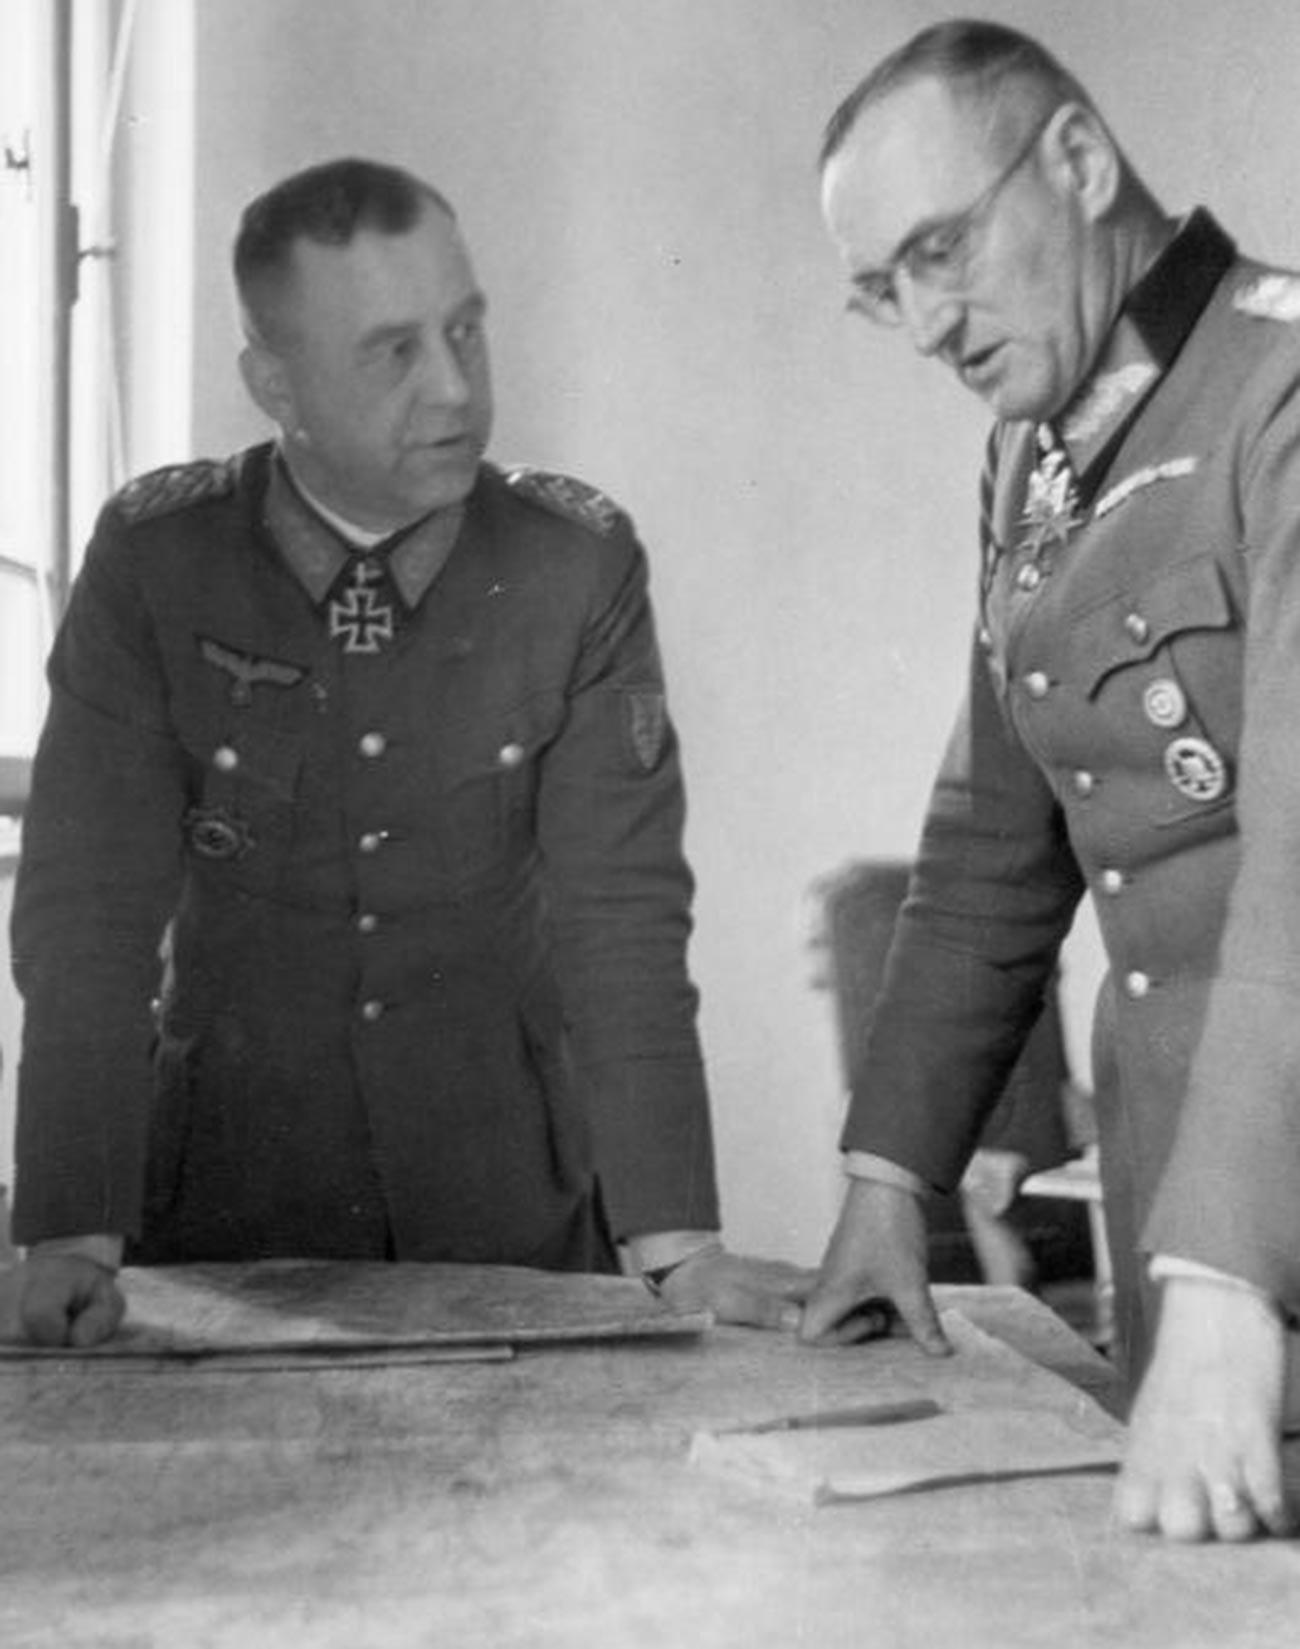 Ото Вьолер и Фердинанд Шьорнер